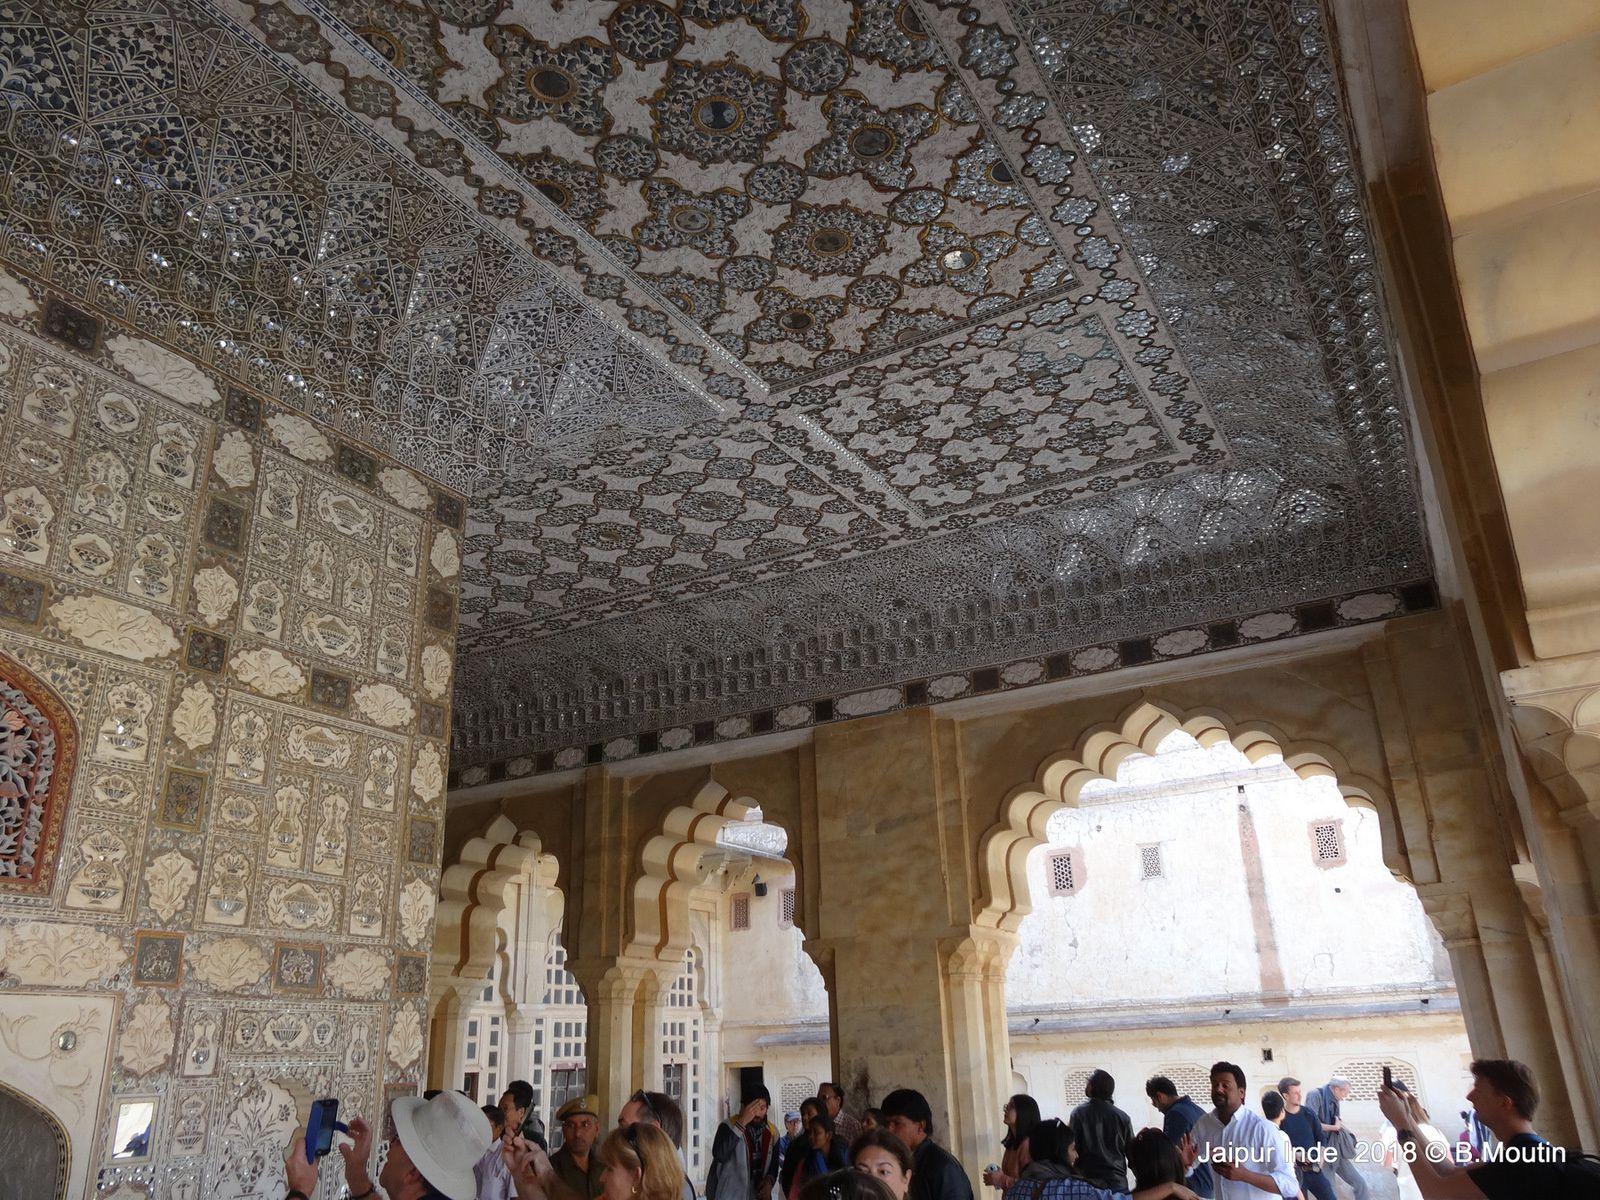 L'intérieur du Fort Amber à Jaipur (12 photos)